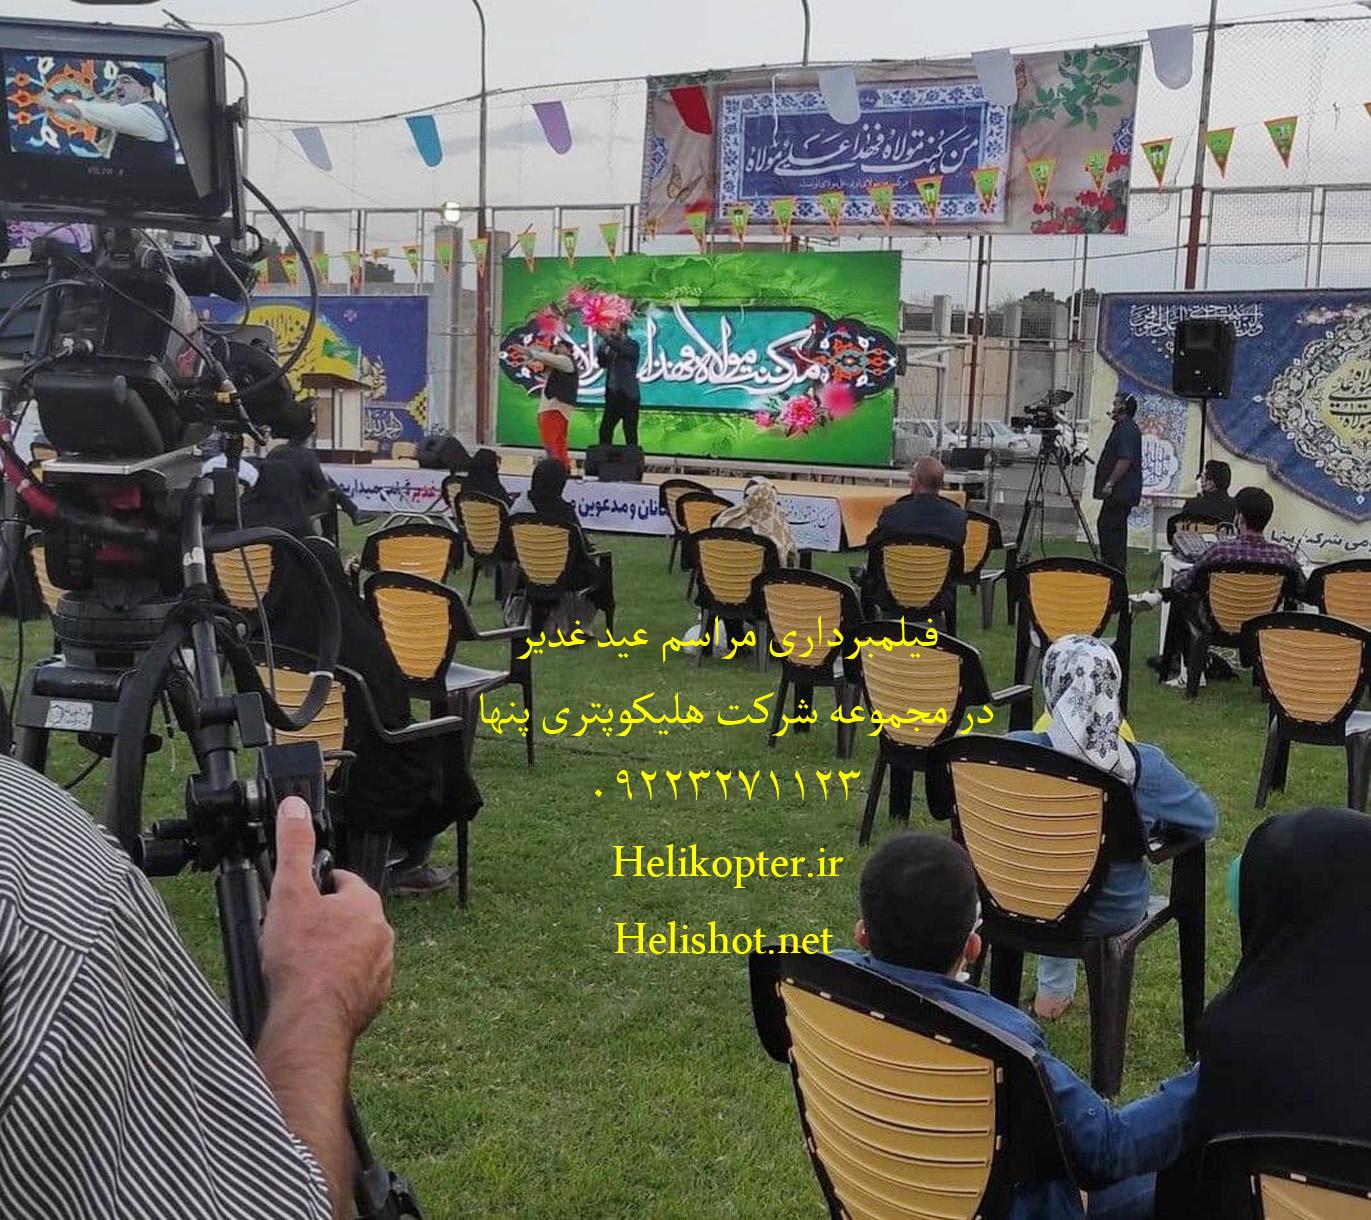 فیلمبرداری با واحد سیار از مراسم عید غدیر در مجموعه هلیکوپتری پنها 09223271123